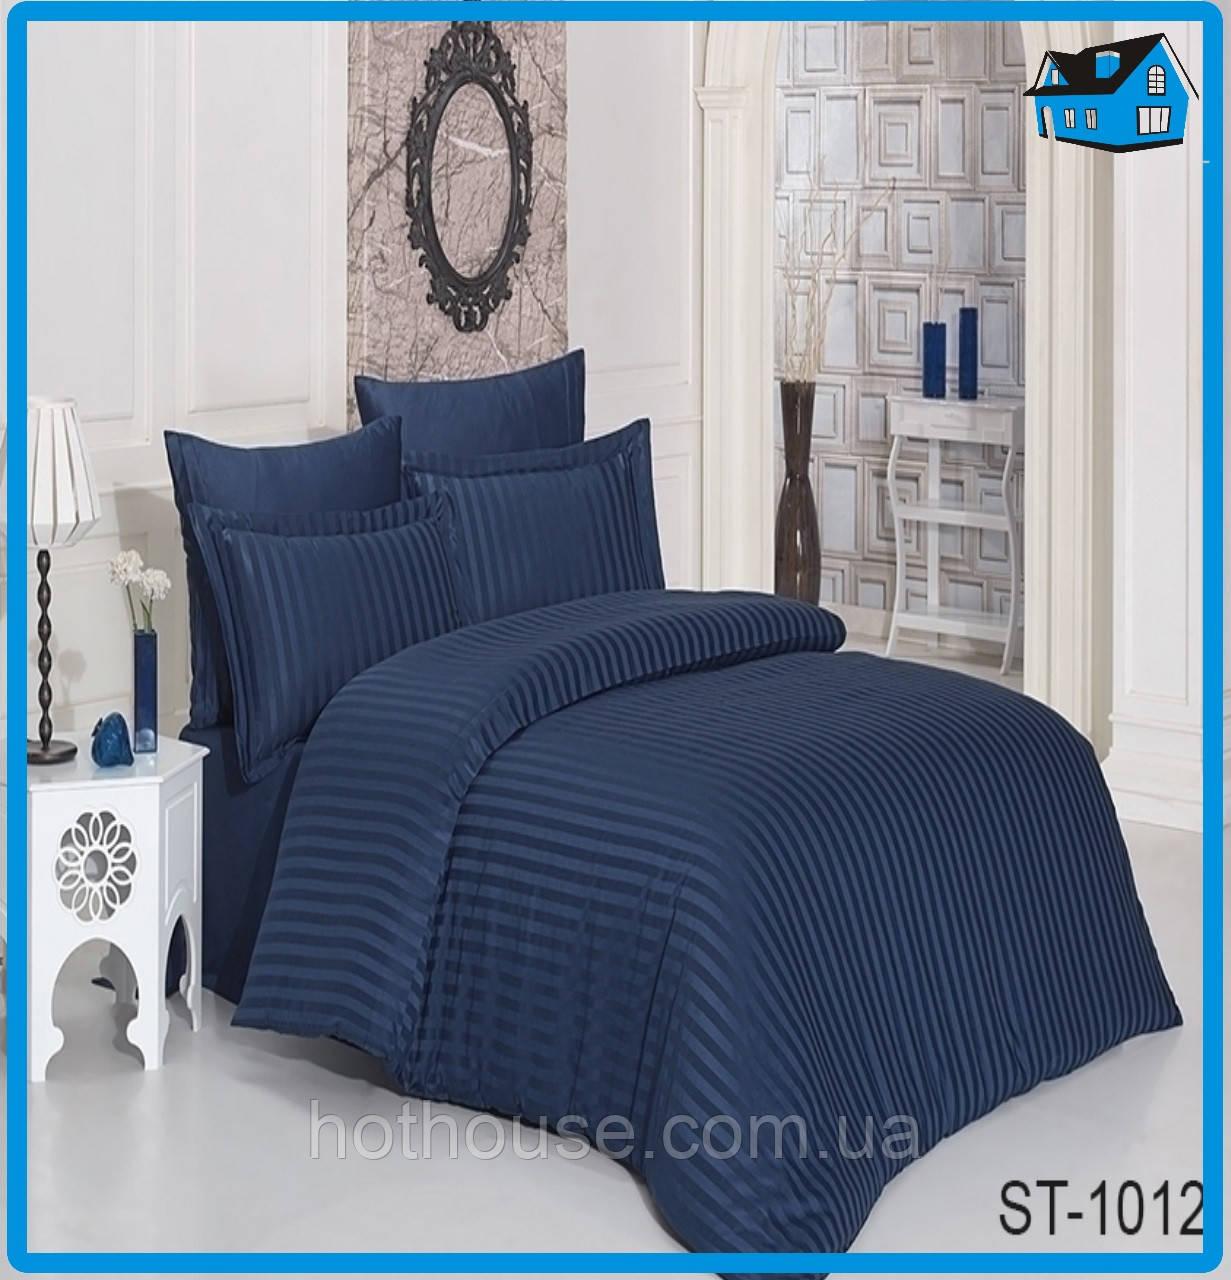 Полуторное постельное белье Страйп Сатин